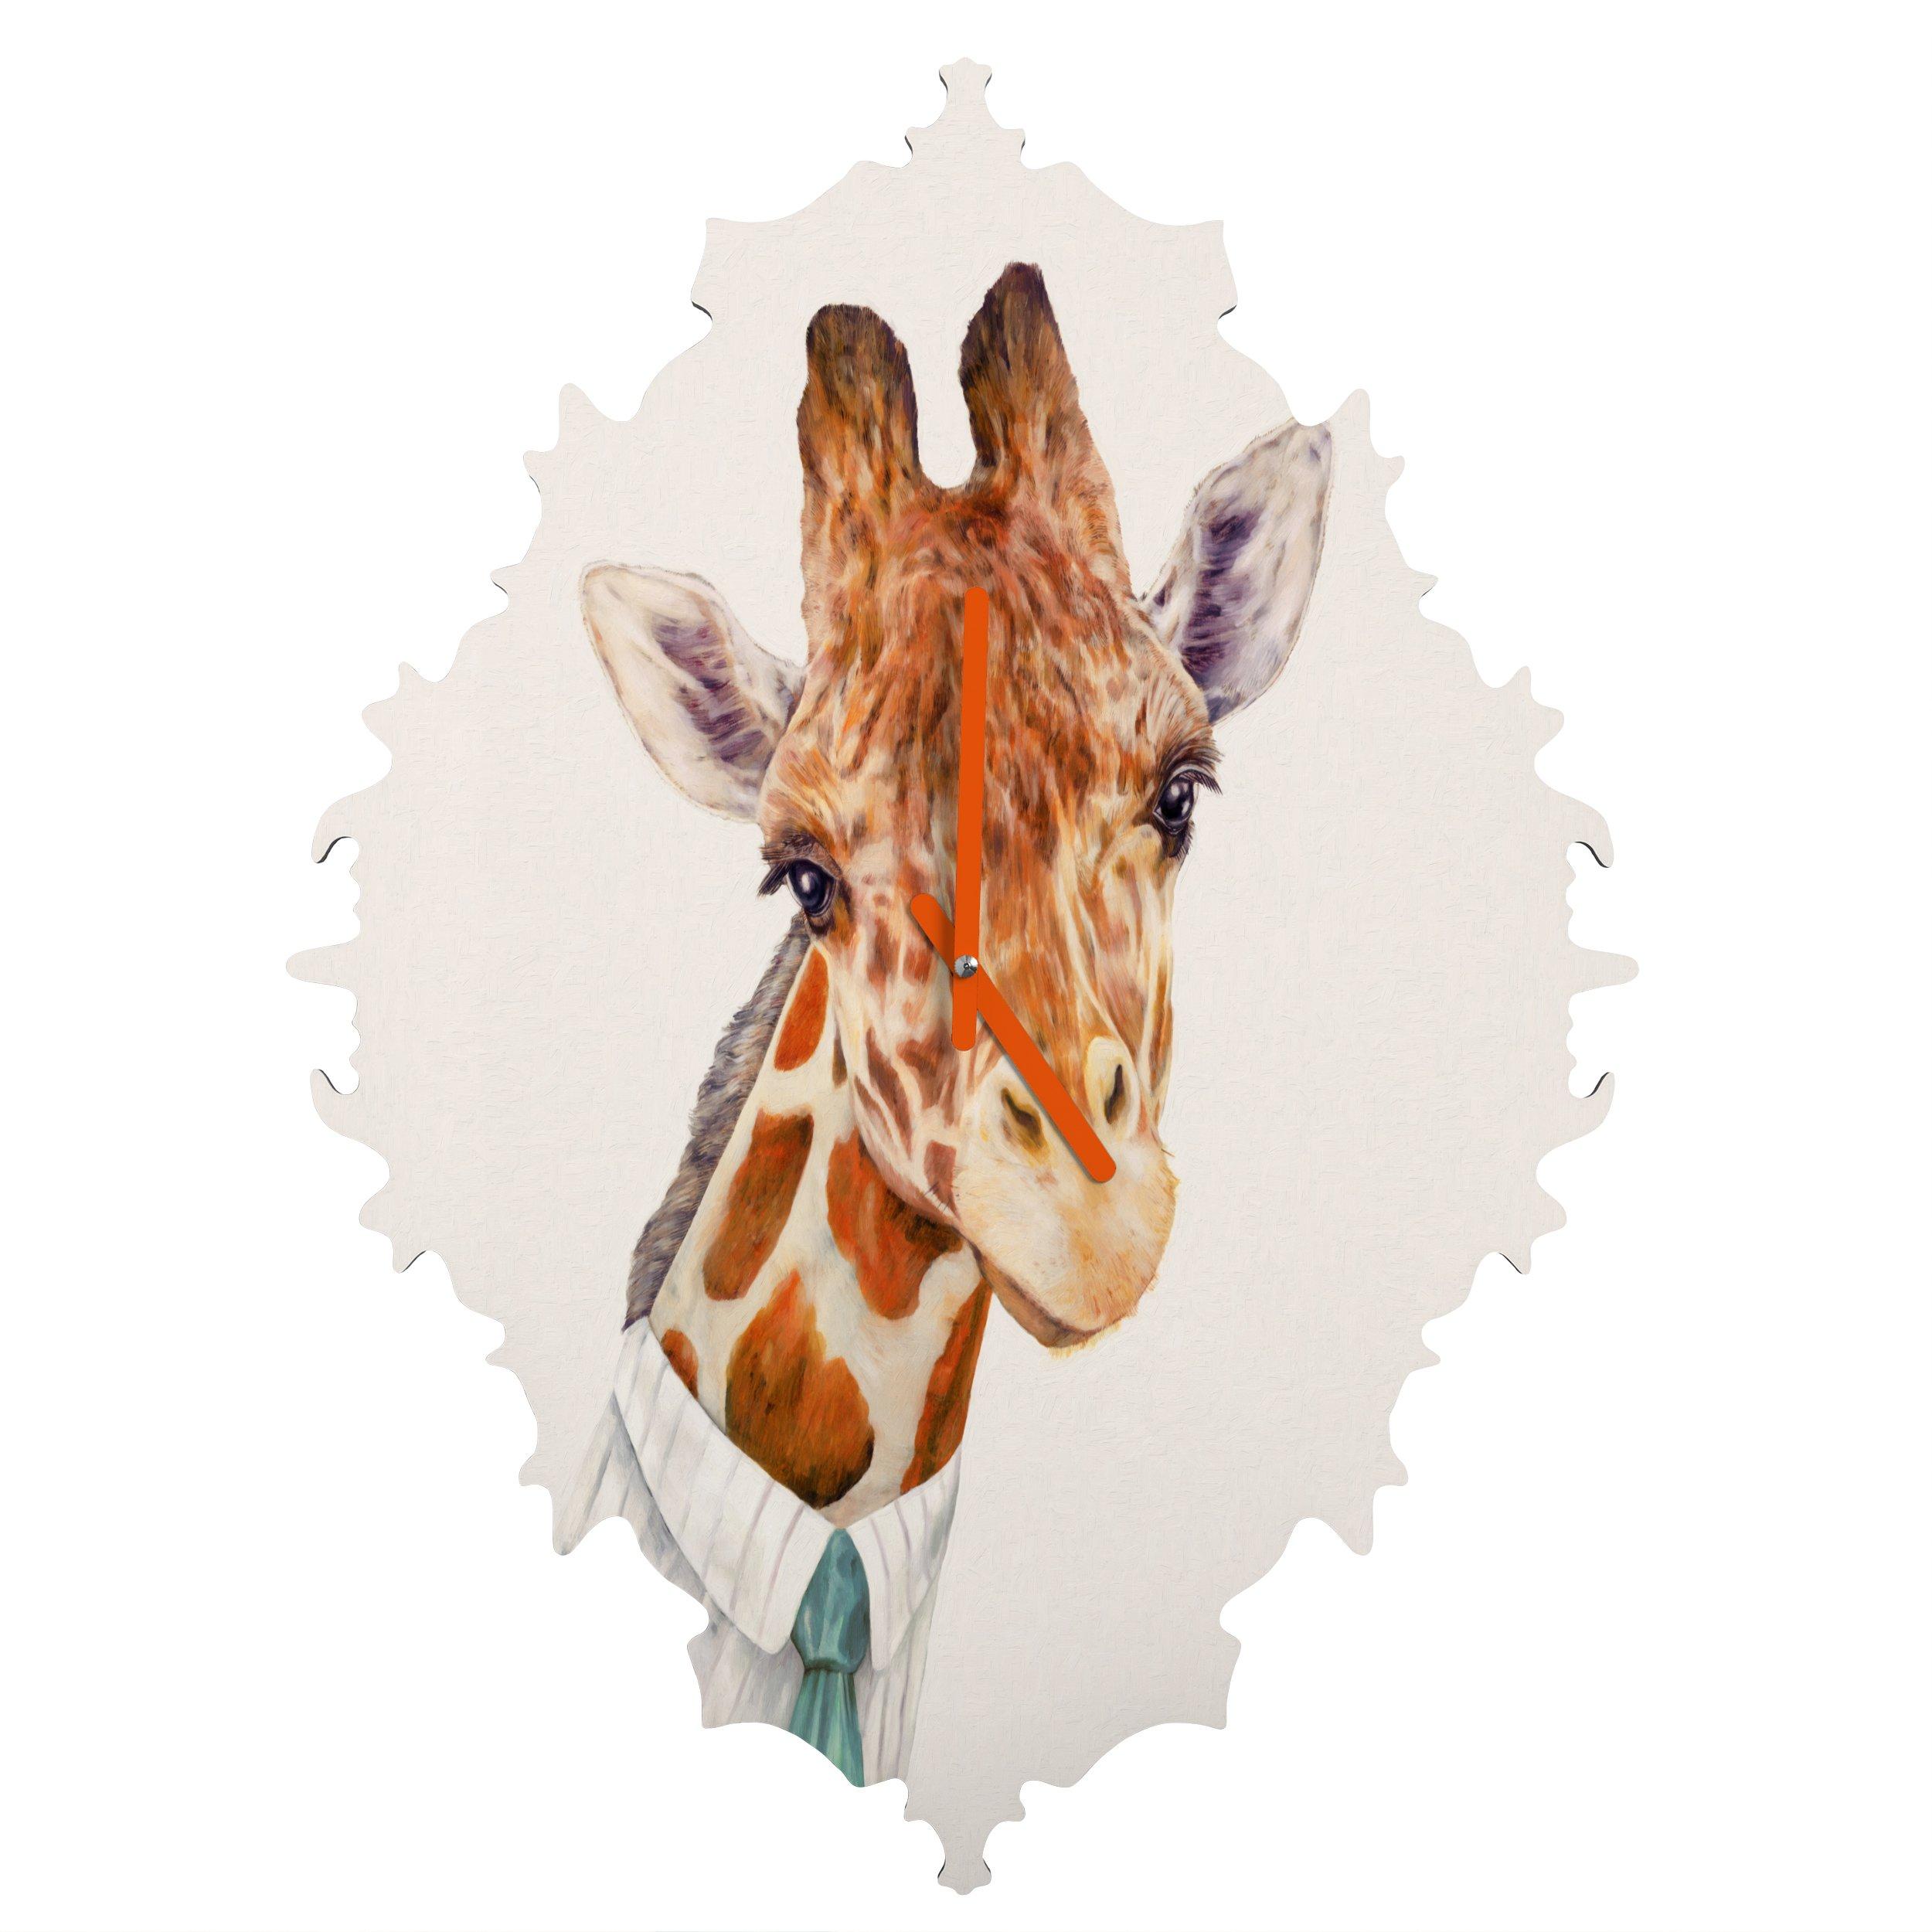 Deny Designs Animal Crew, Mr.Giraffe, Baroque Clock, Medium